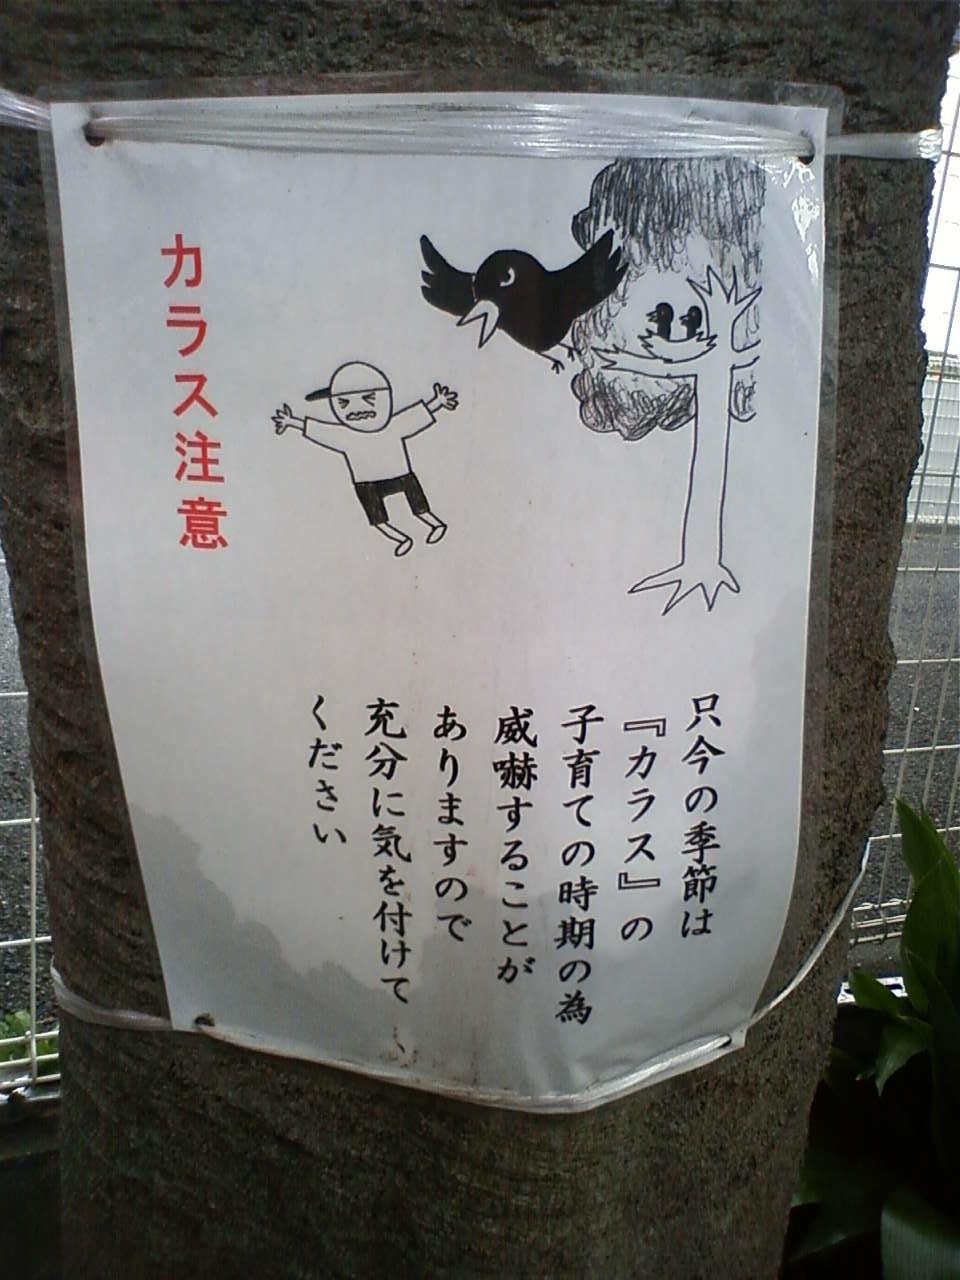 写真 新宿四丁目付近 4_b0136144_6323733.jpg